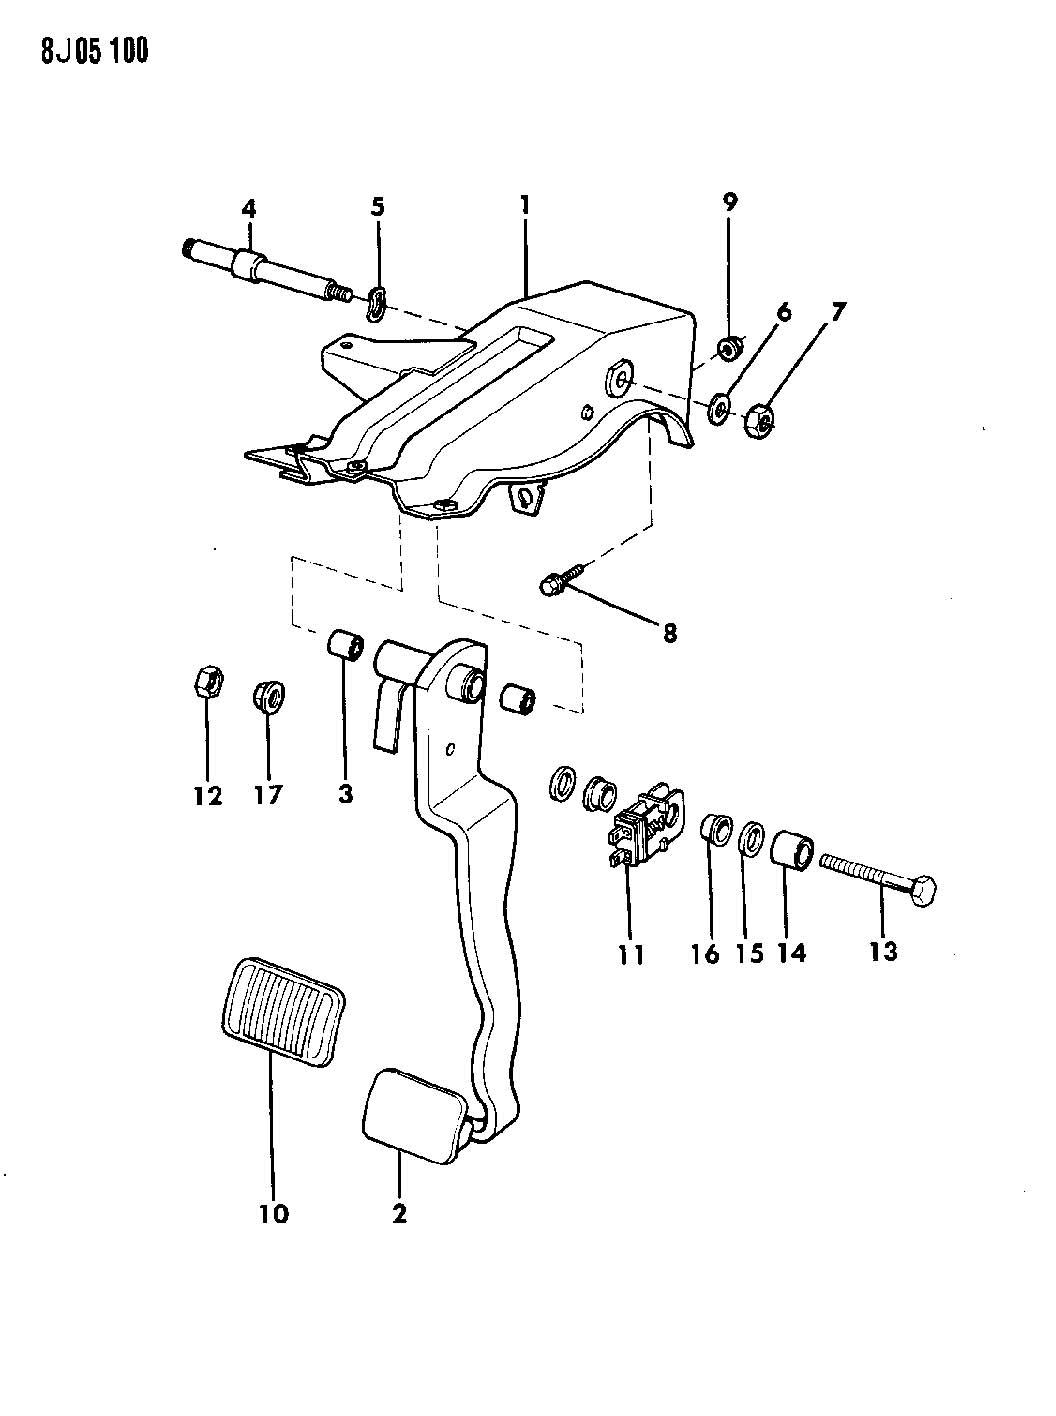 1987 Jeep Wrangler PEDAL, BRAKE WRANGLER, YJ